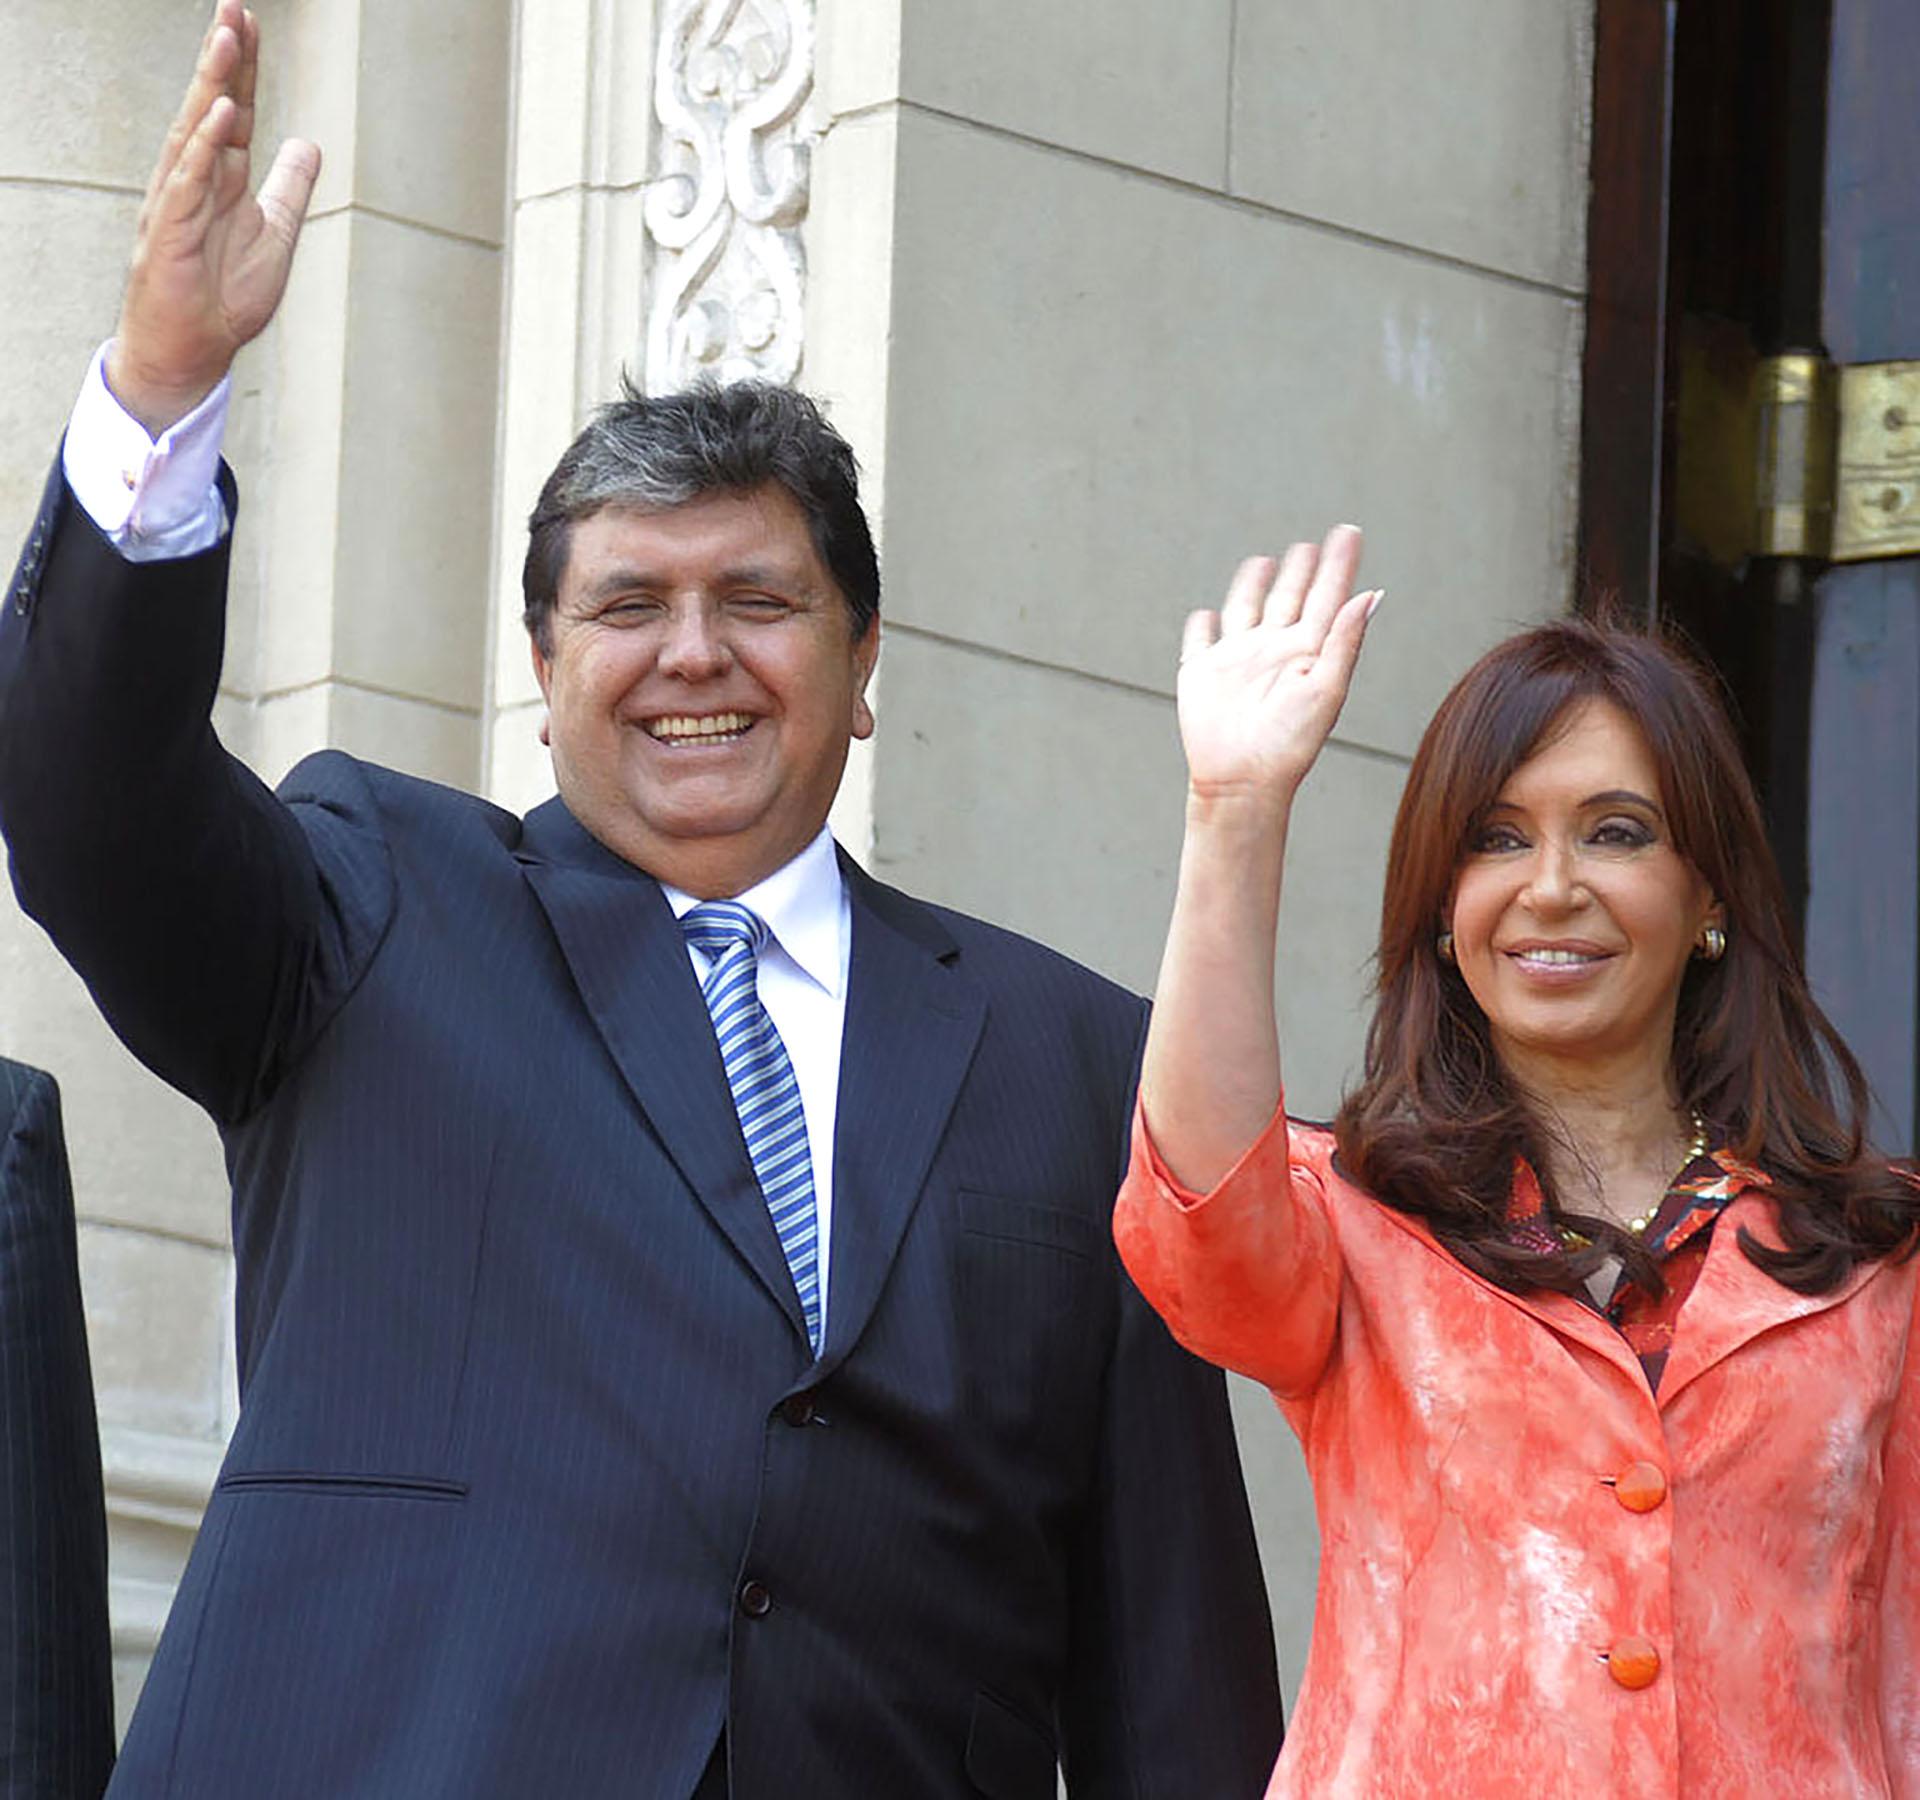 García con Cristina Fernández de Kirchner, ex Presidente de la Nación Argentina, durante su segundo mandato (foto: Presidencia de la Nación argentina)